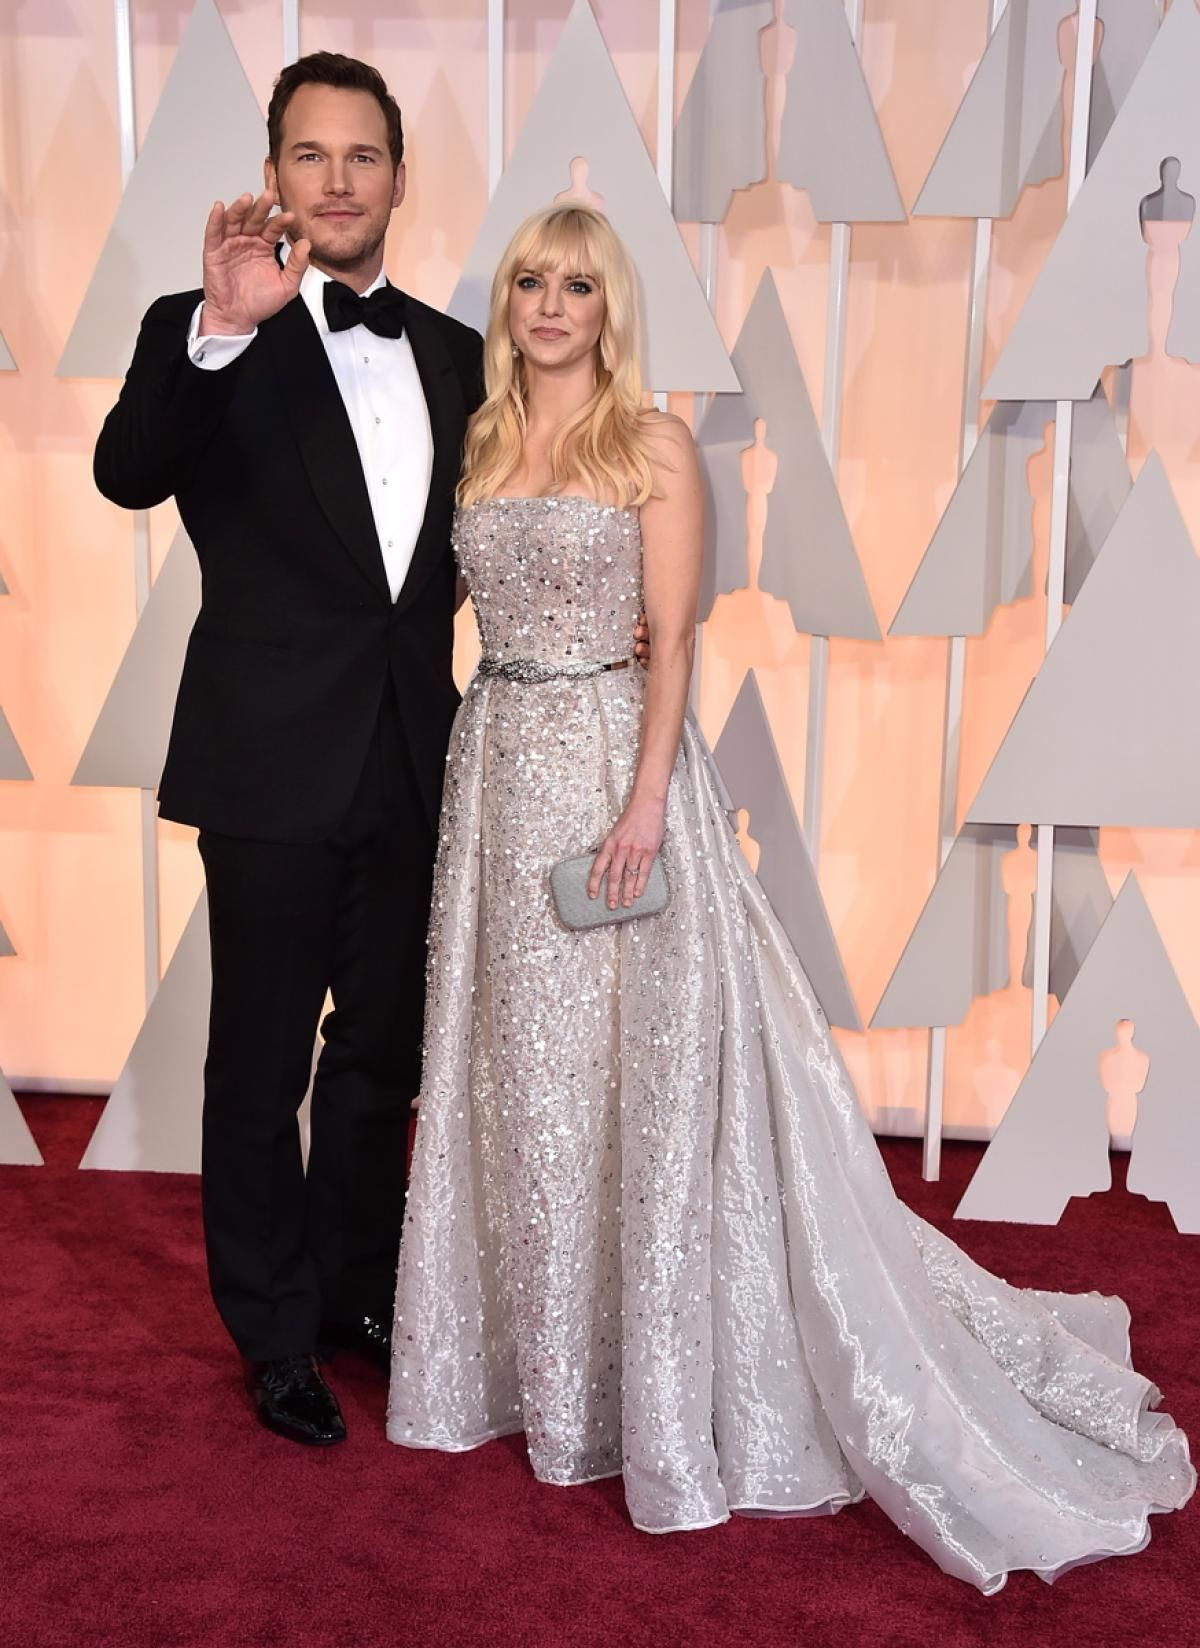 Anna faris wedding dress  Chris Pratt and Anna Faris  Photos  Oscars  Best and worst